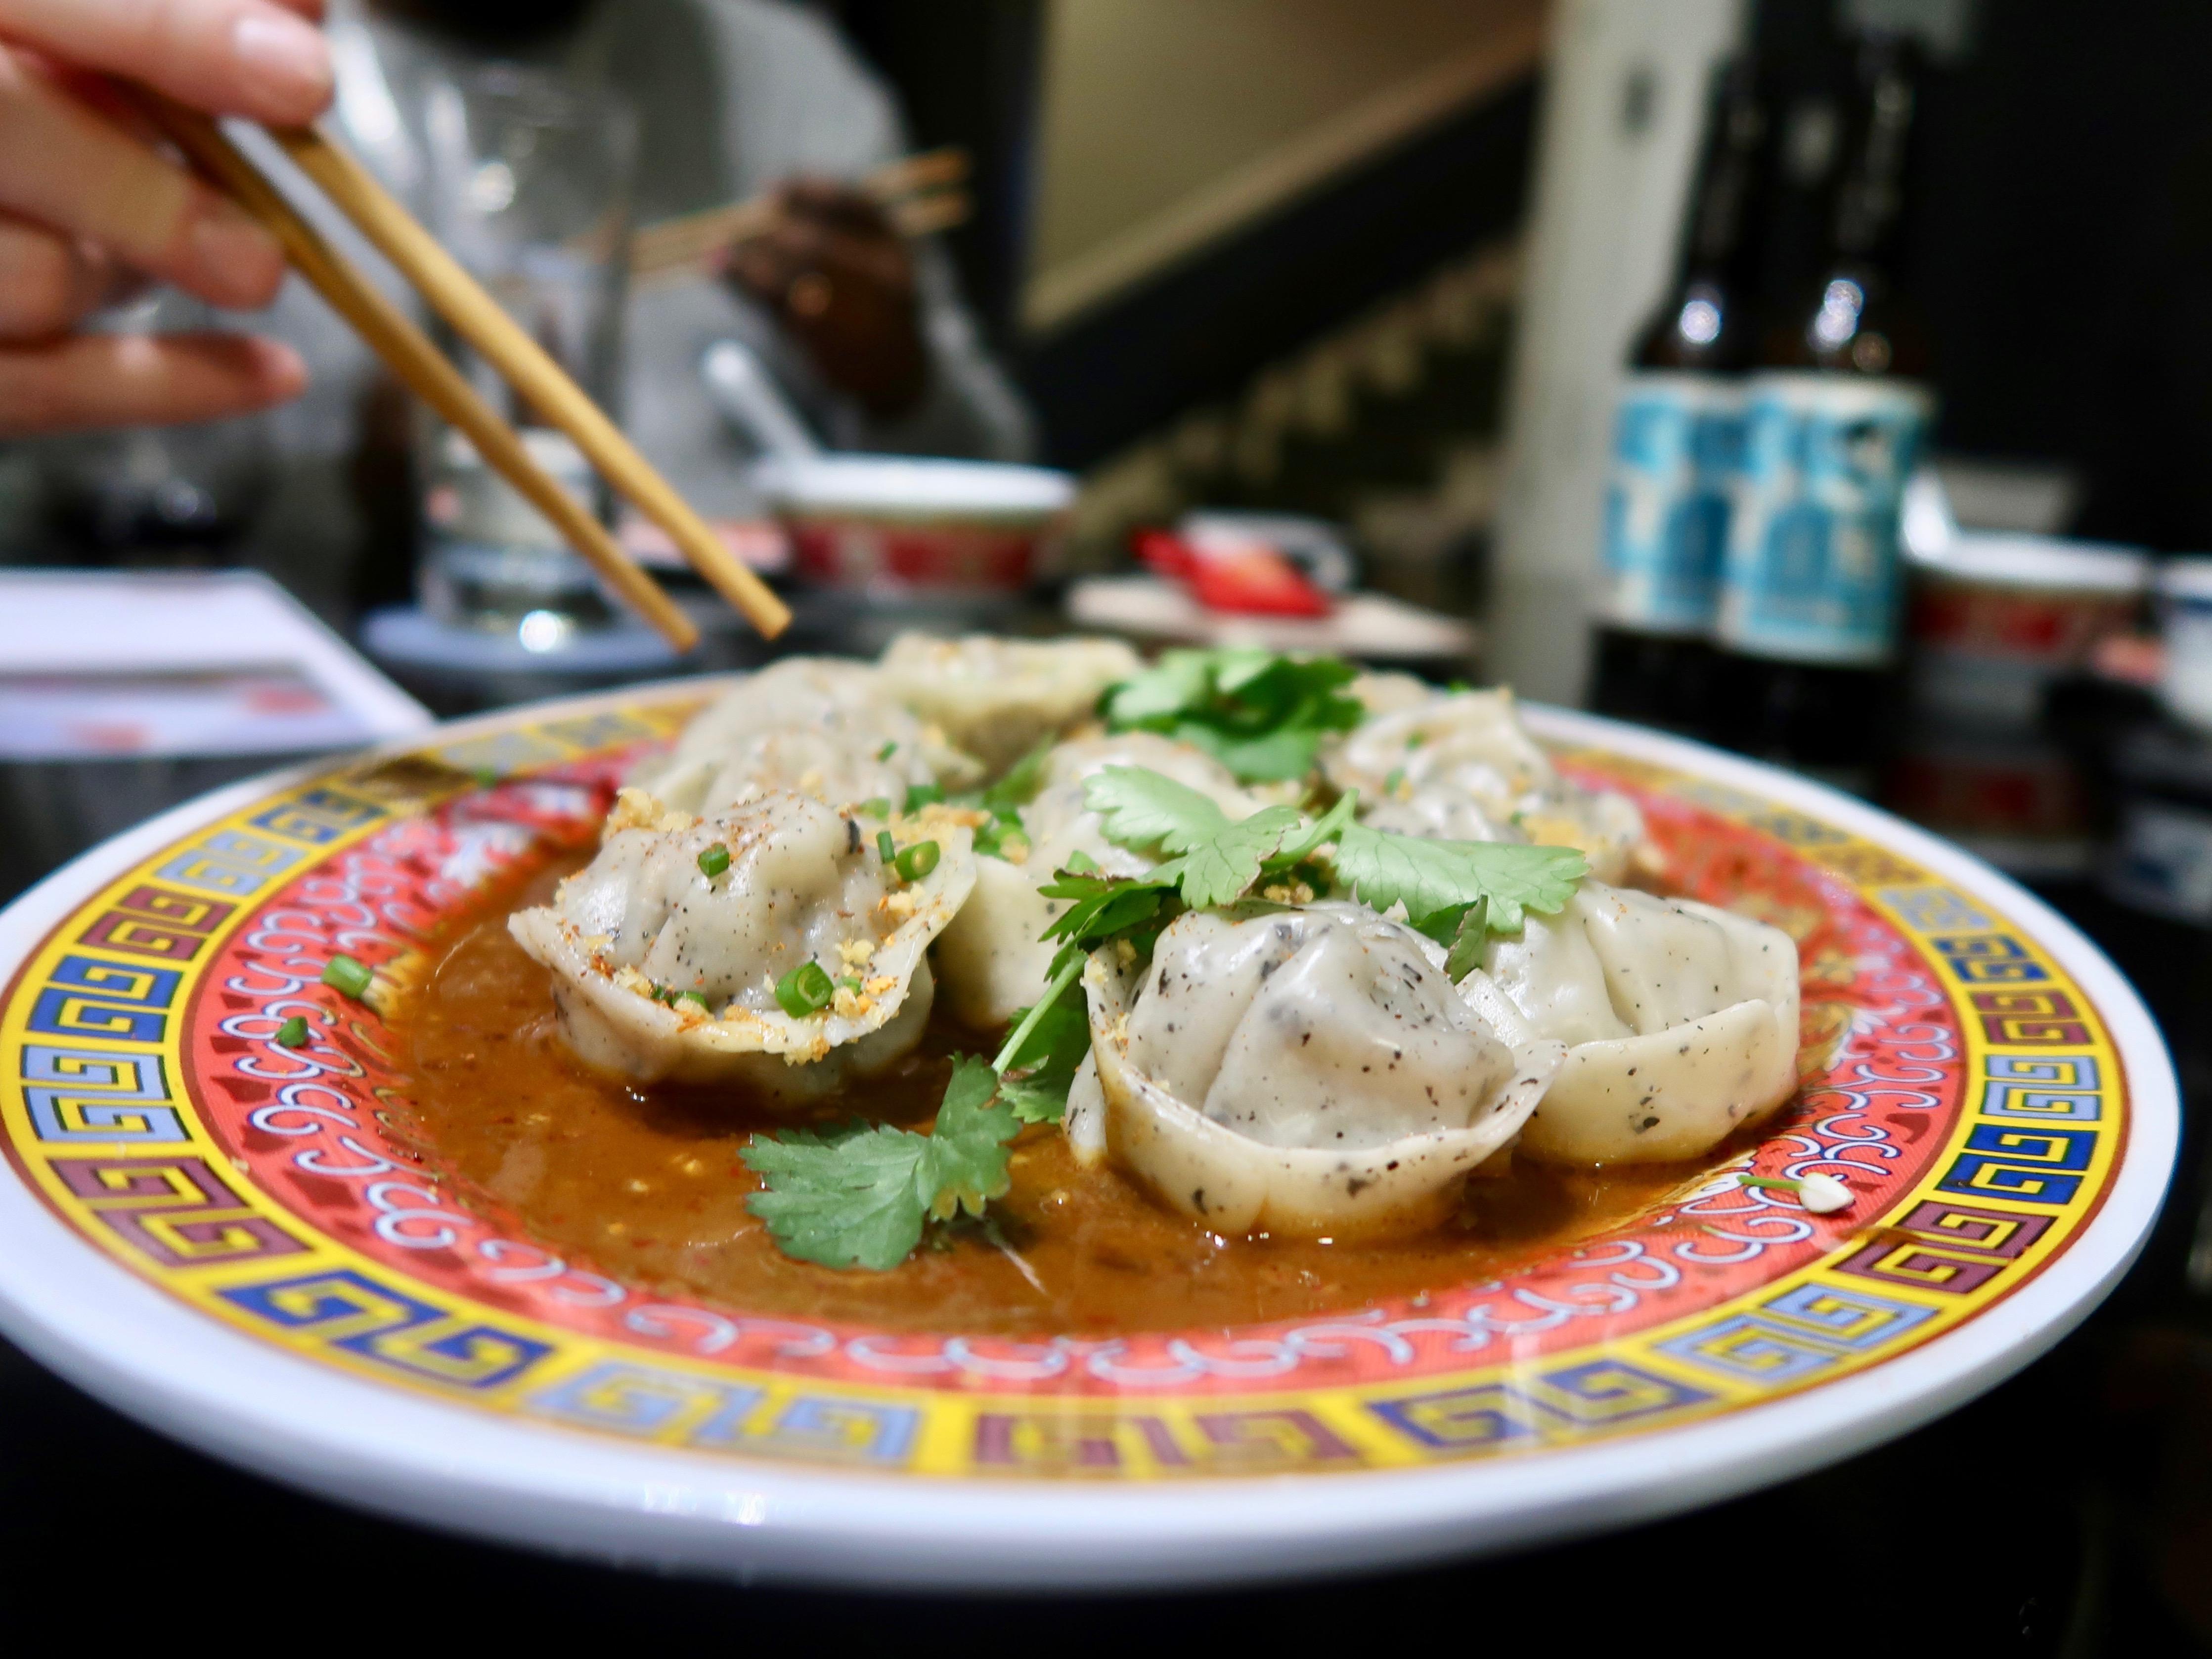 Wing Yip dan dan dumplings